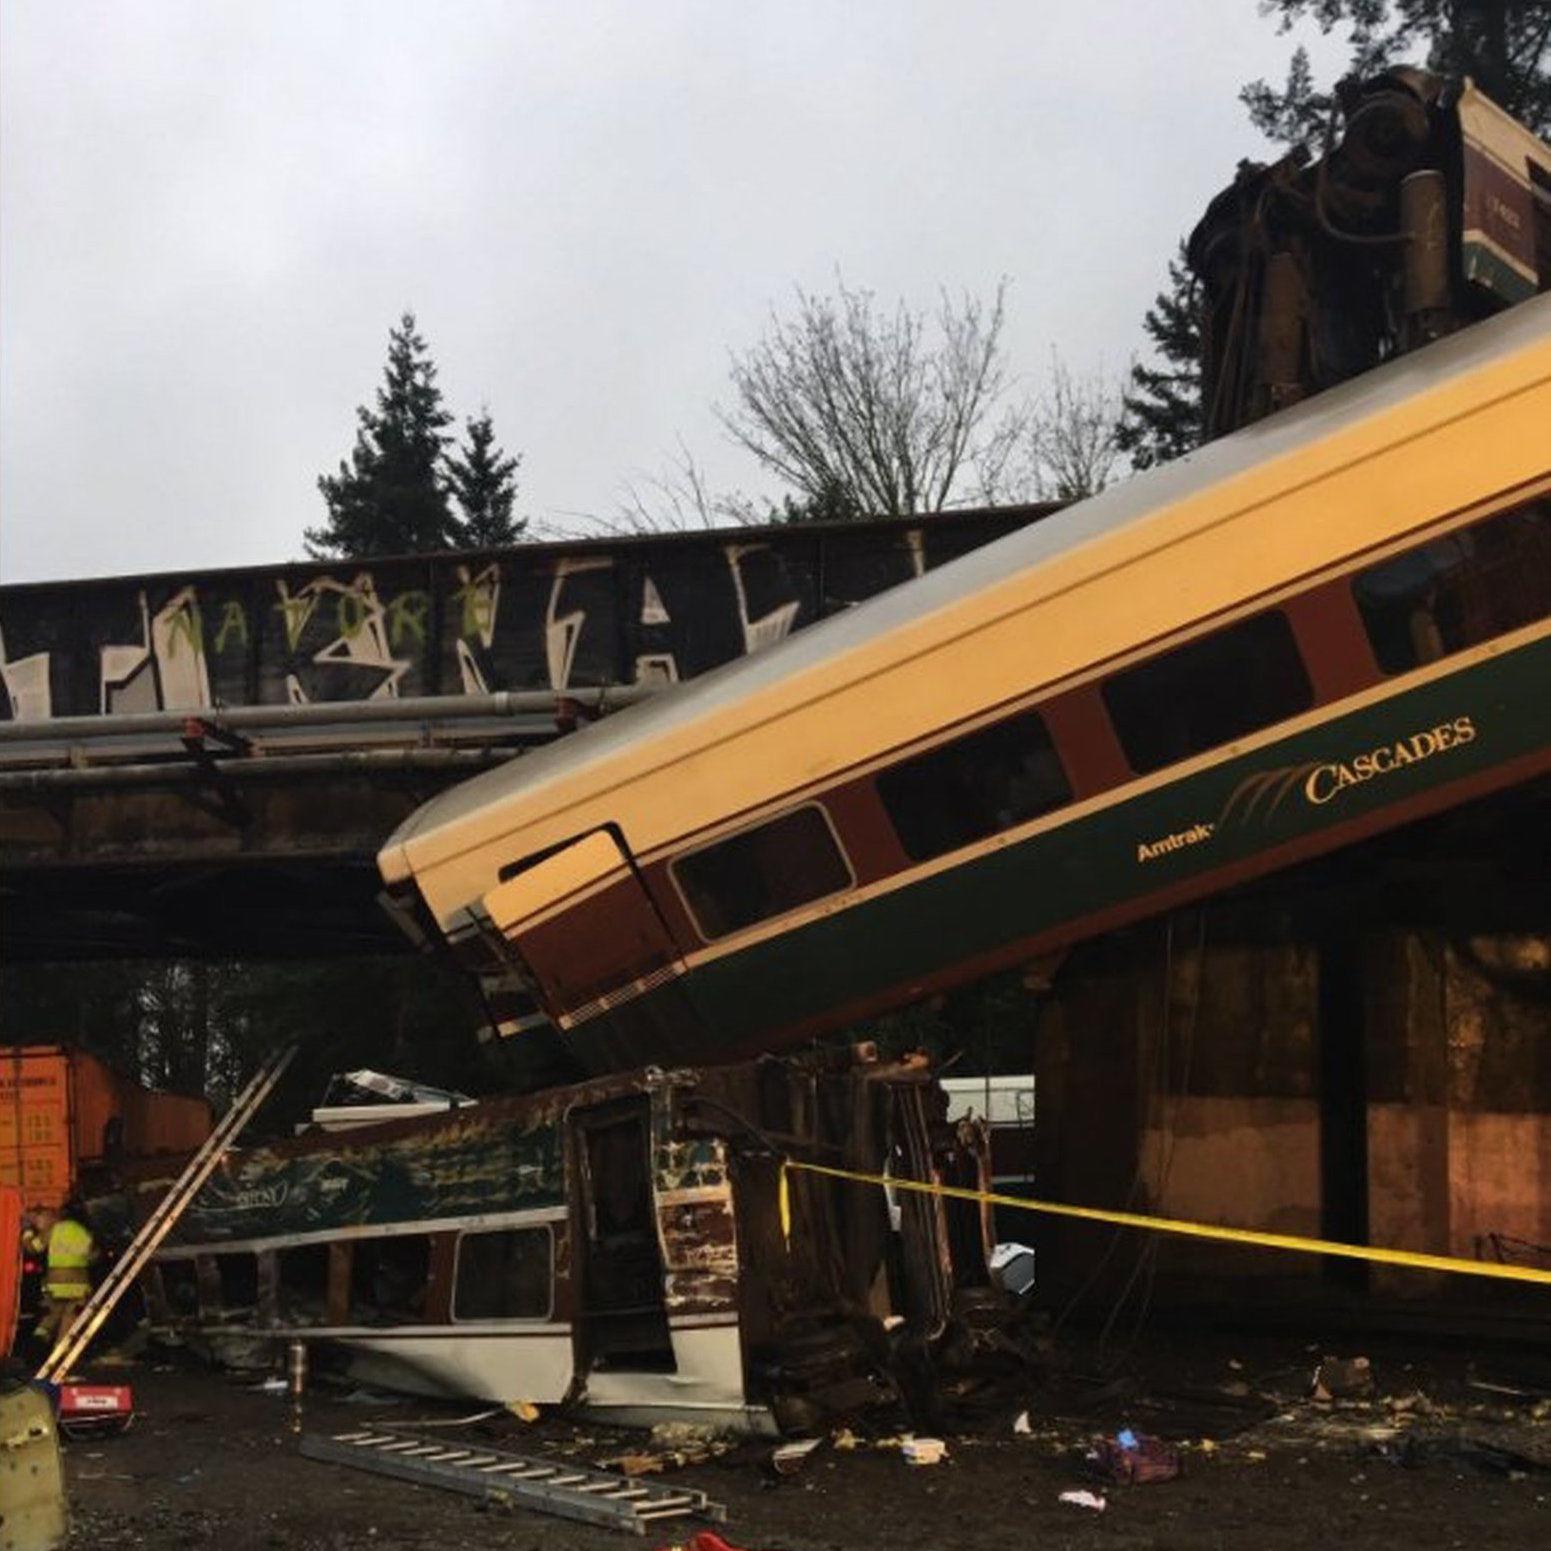 Wsdot train derailed vcecco